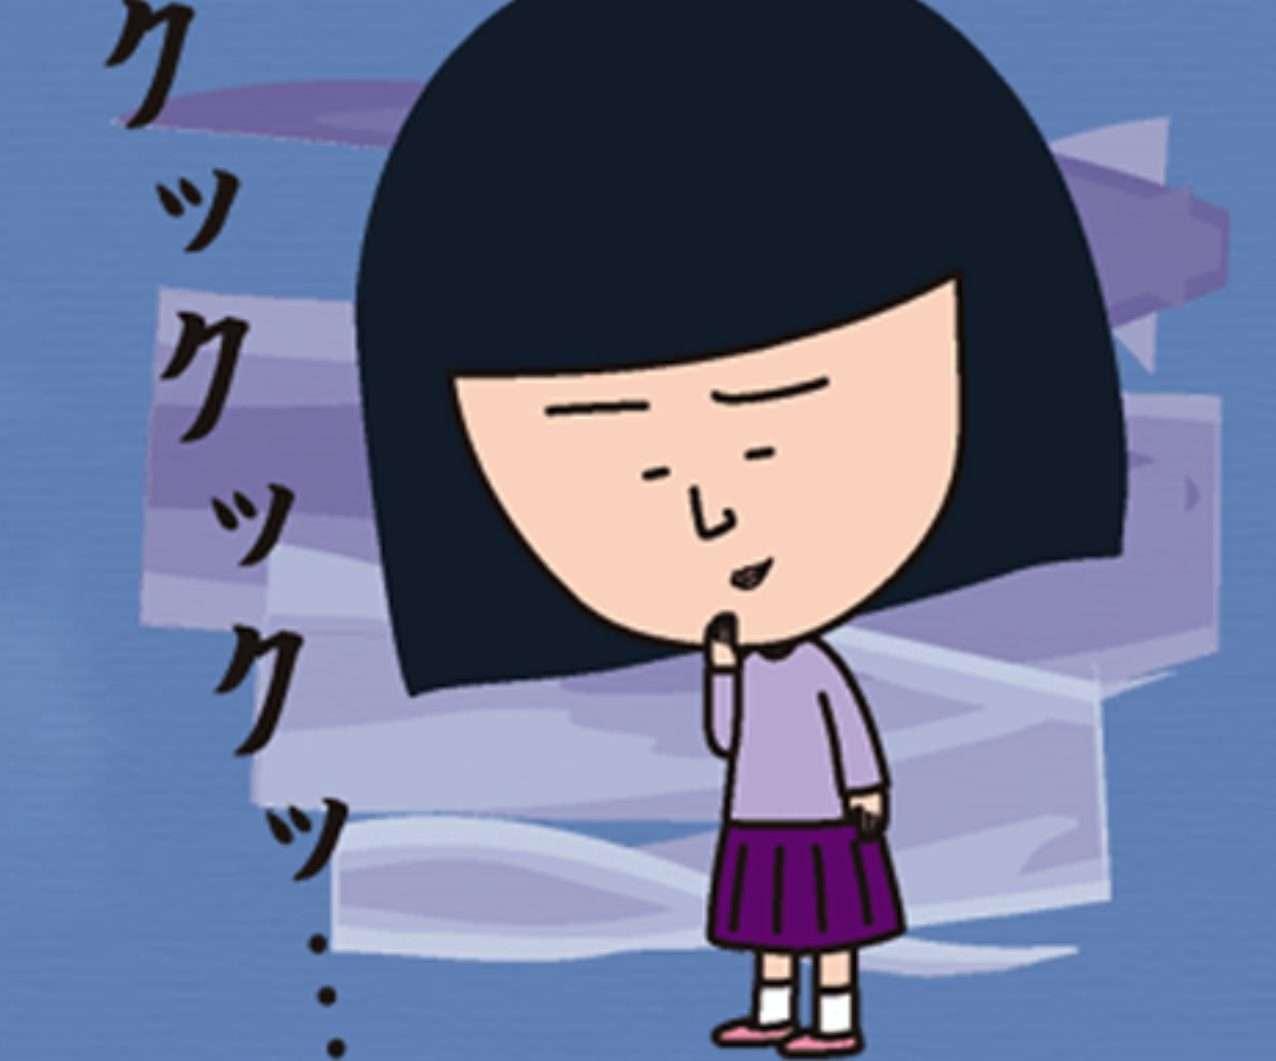 松居一代、新年へ向け「あたしを倒そうとする奴はかかってこい!!」